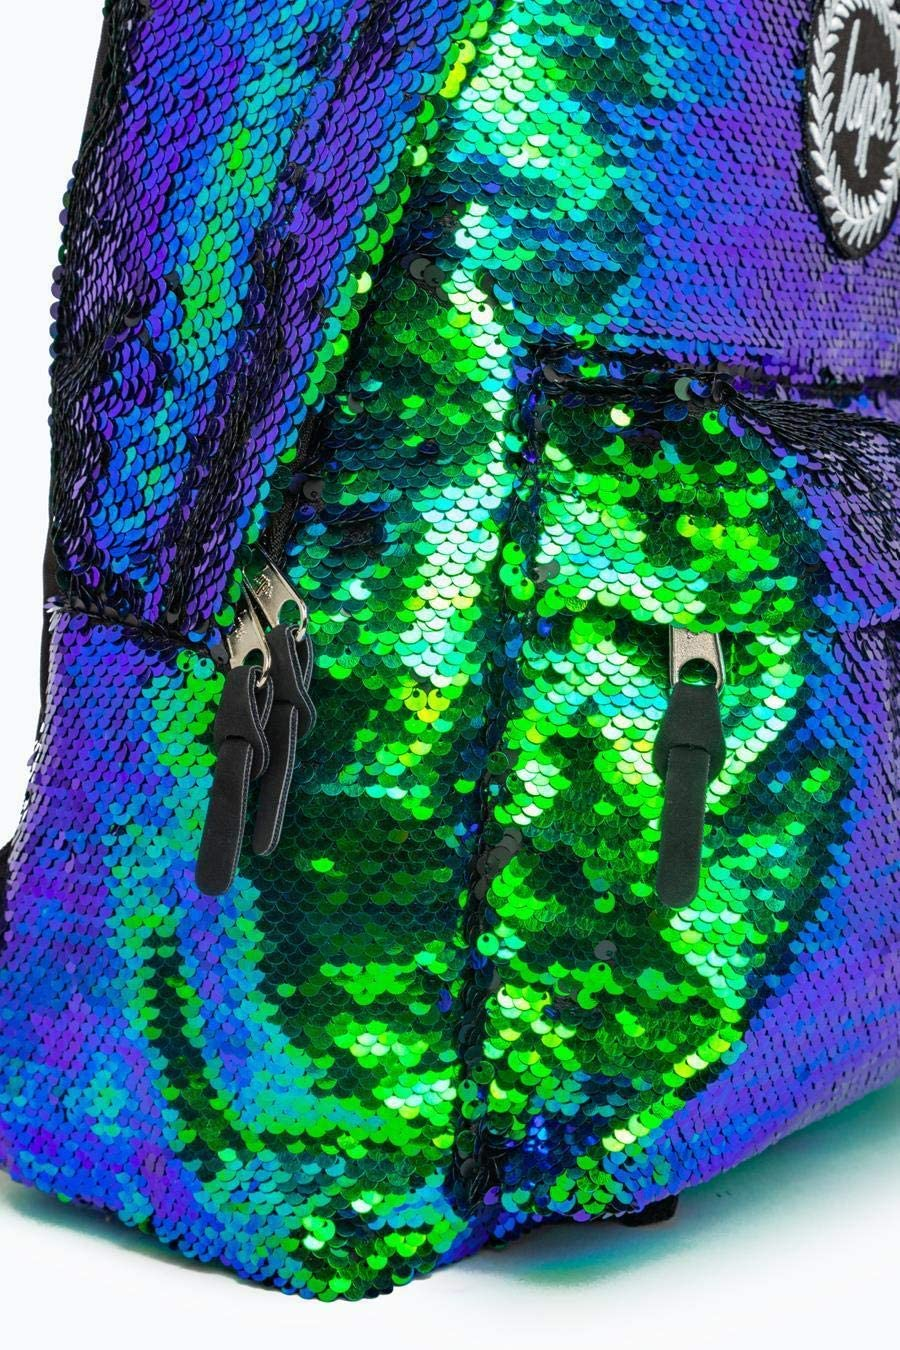 Hype Rucksack Taschen Winter 2018 Rucks/äcke Viele Designs AW-2018 Sammlung One Size Blumenmuster Speckle W/ählen Sie Ihr Favorit Schultasche